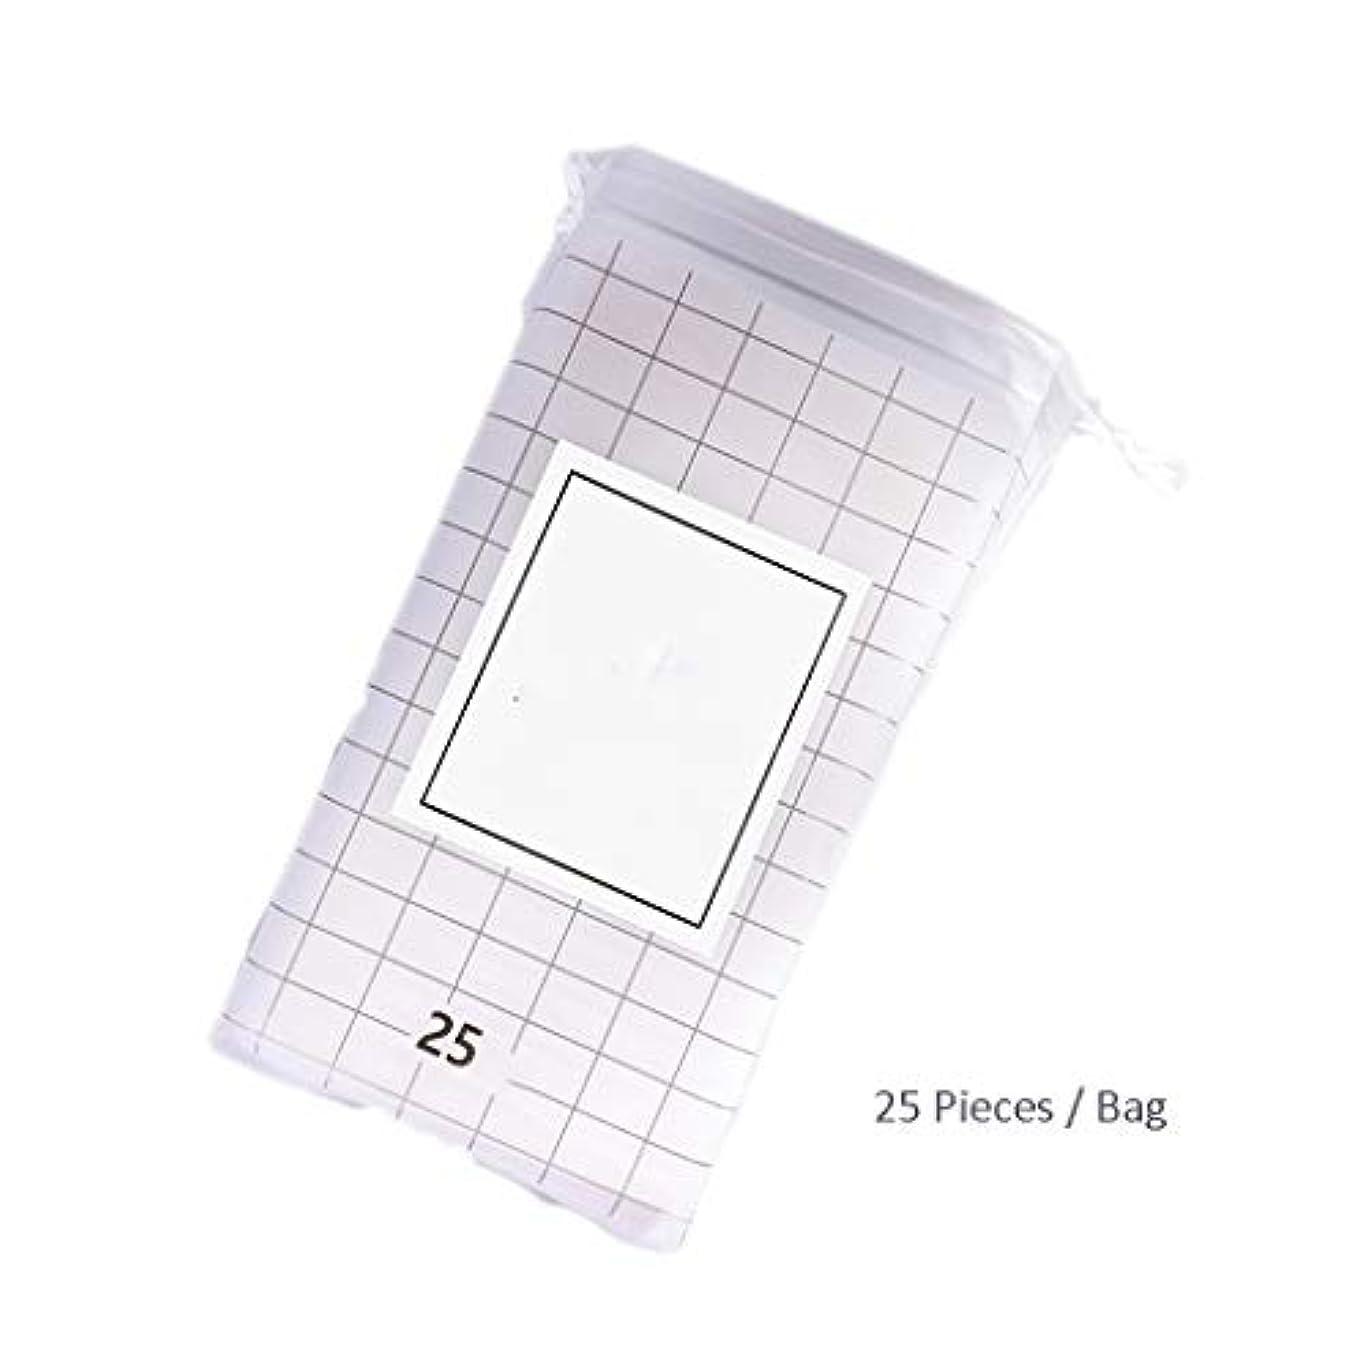 精神的にファセット符号クレンジングシート メイクアップフェイシャルカットコットンクレンジングタオルコットンタオルドライ&ウェットクレンジングタオル使い捨てクレンジングタオル (Color : A, サイズ : 20*24cm)